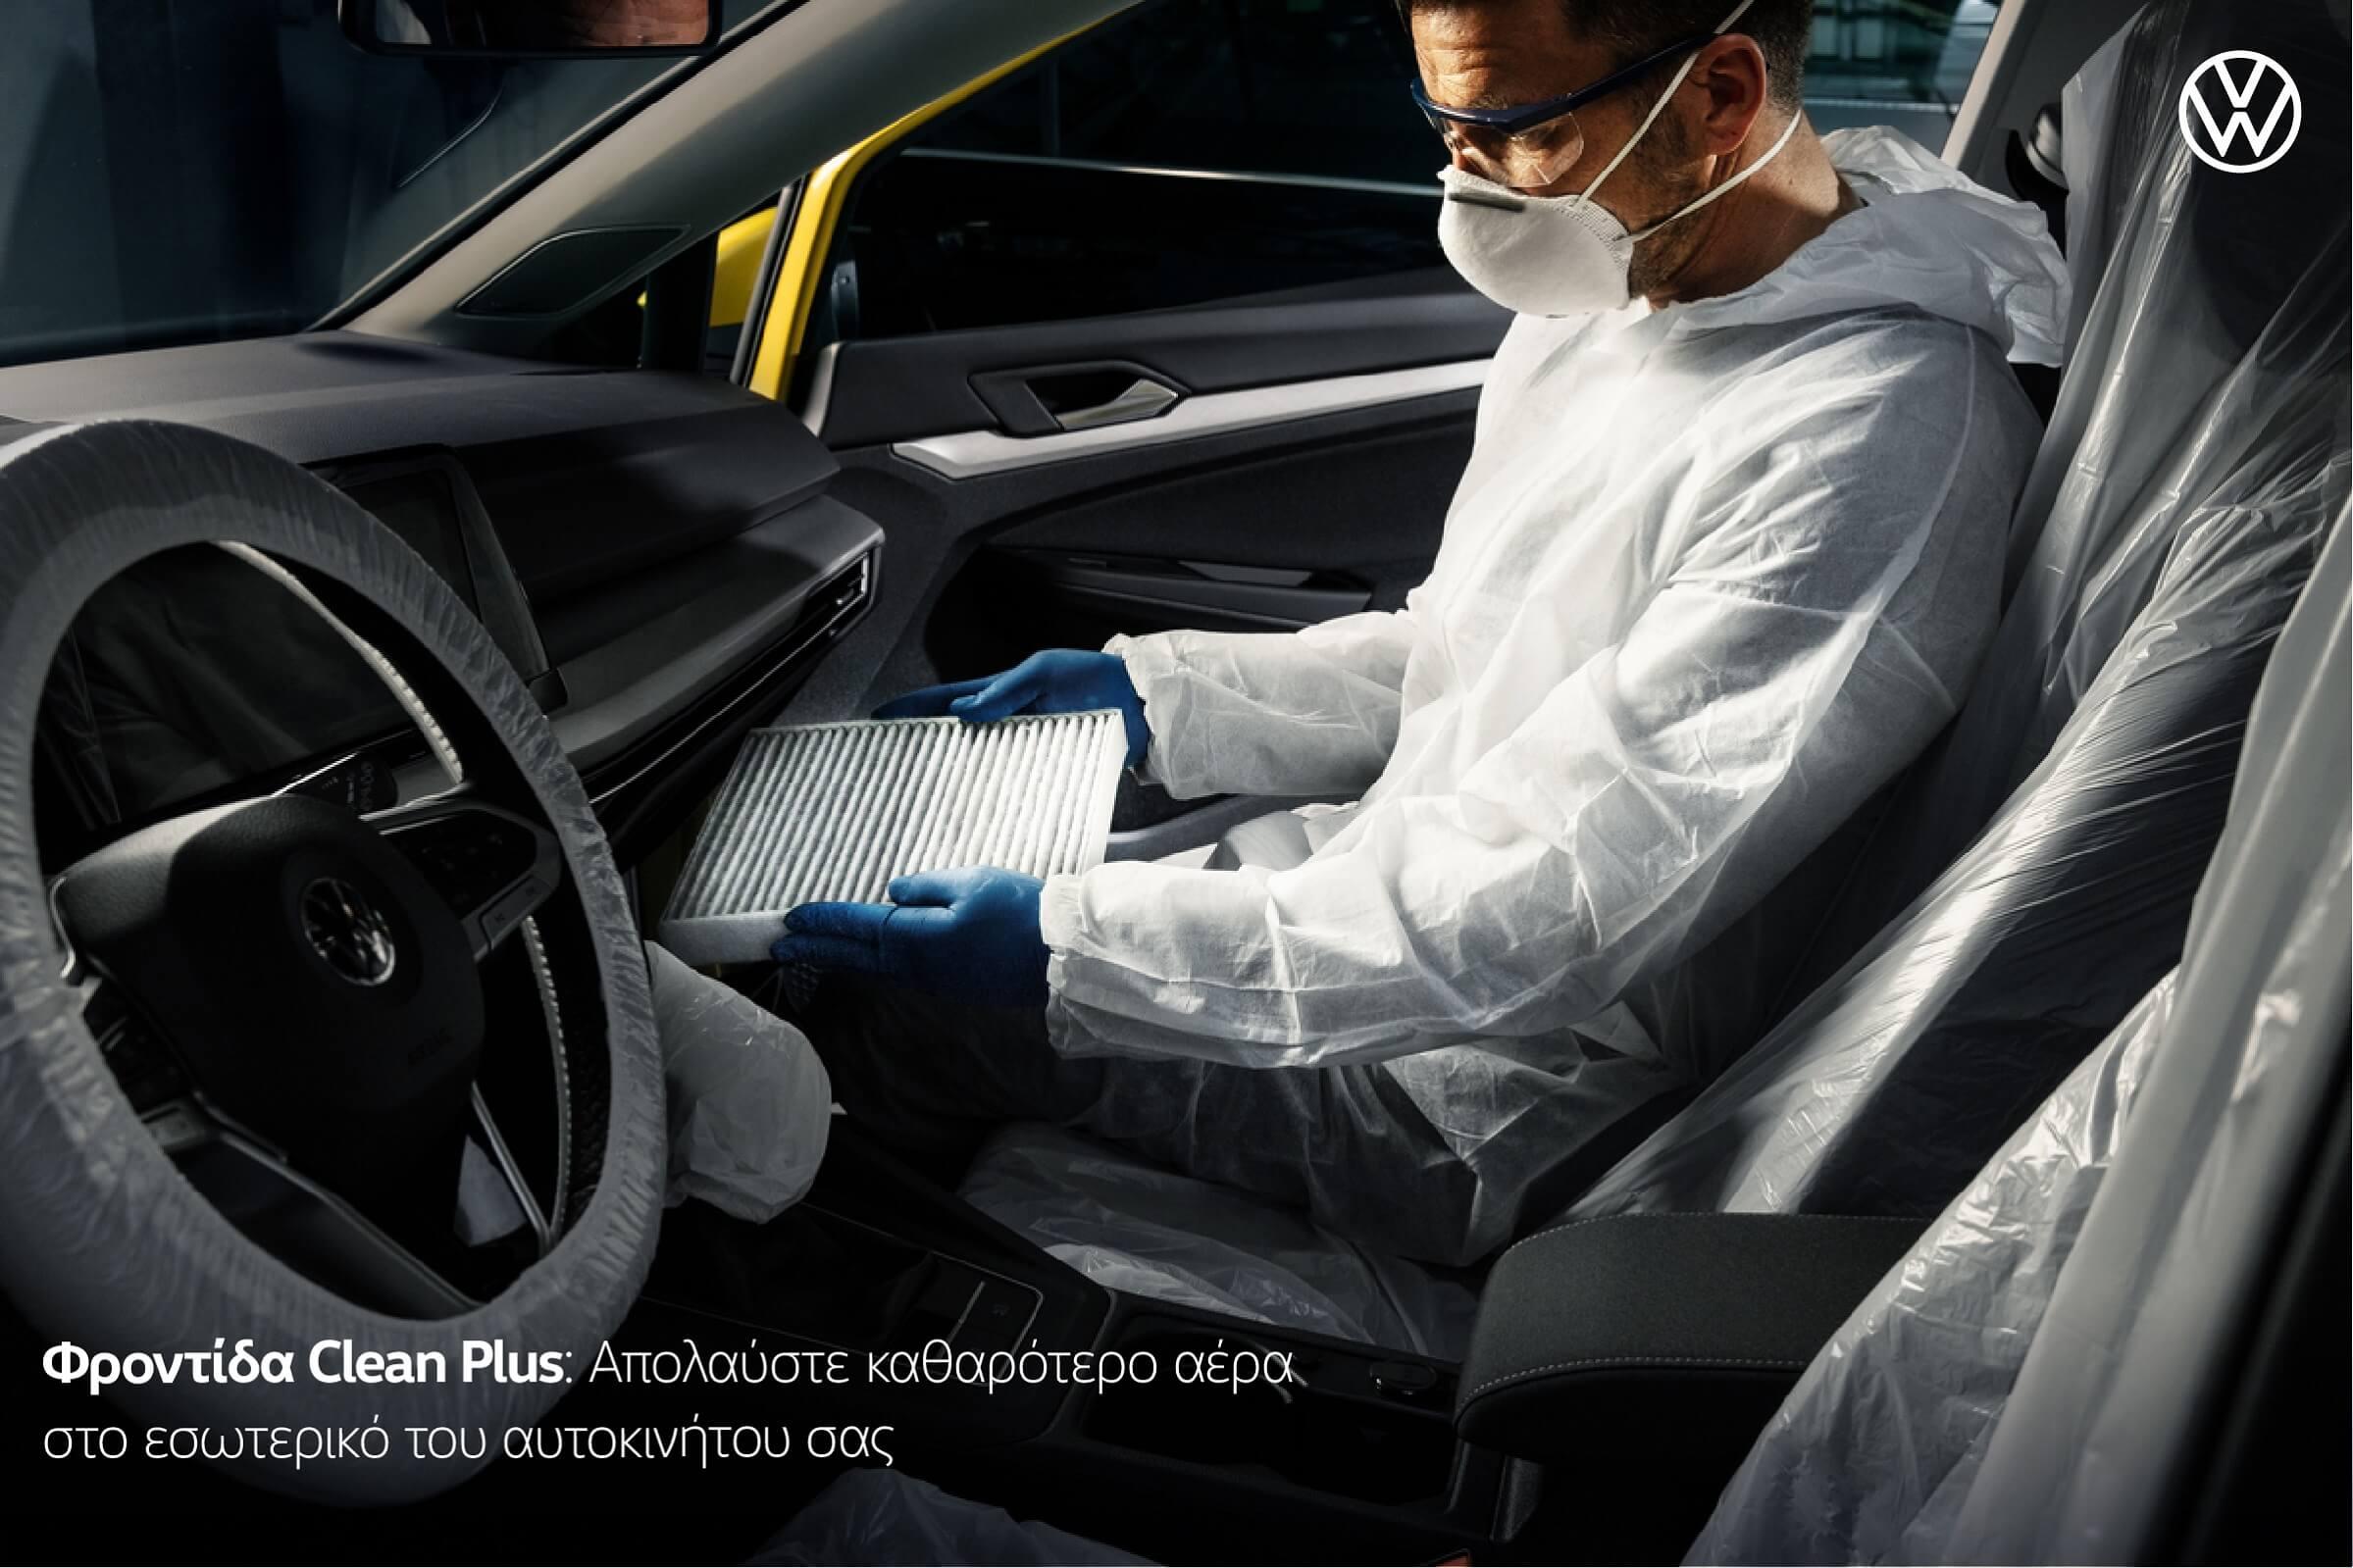 Volkswagen After Sales - Φροντίδα Clean Plus - Απολύμανση του συστήματος κλιματισμού, τοποθέτηση φίλτρου ενεργού άνθρακα και δωρεάν έλεγχος βασικών σημείων